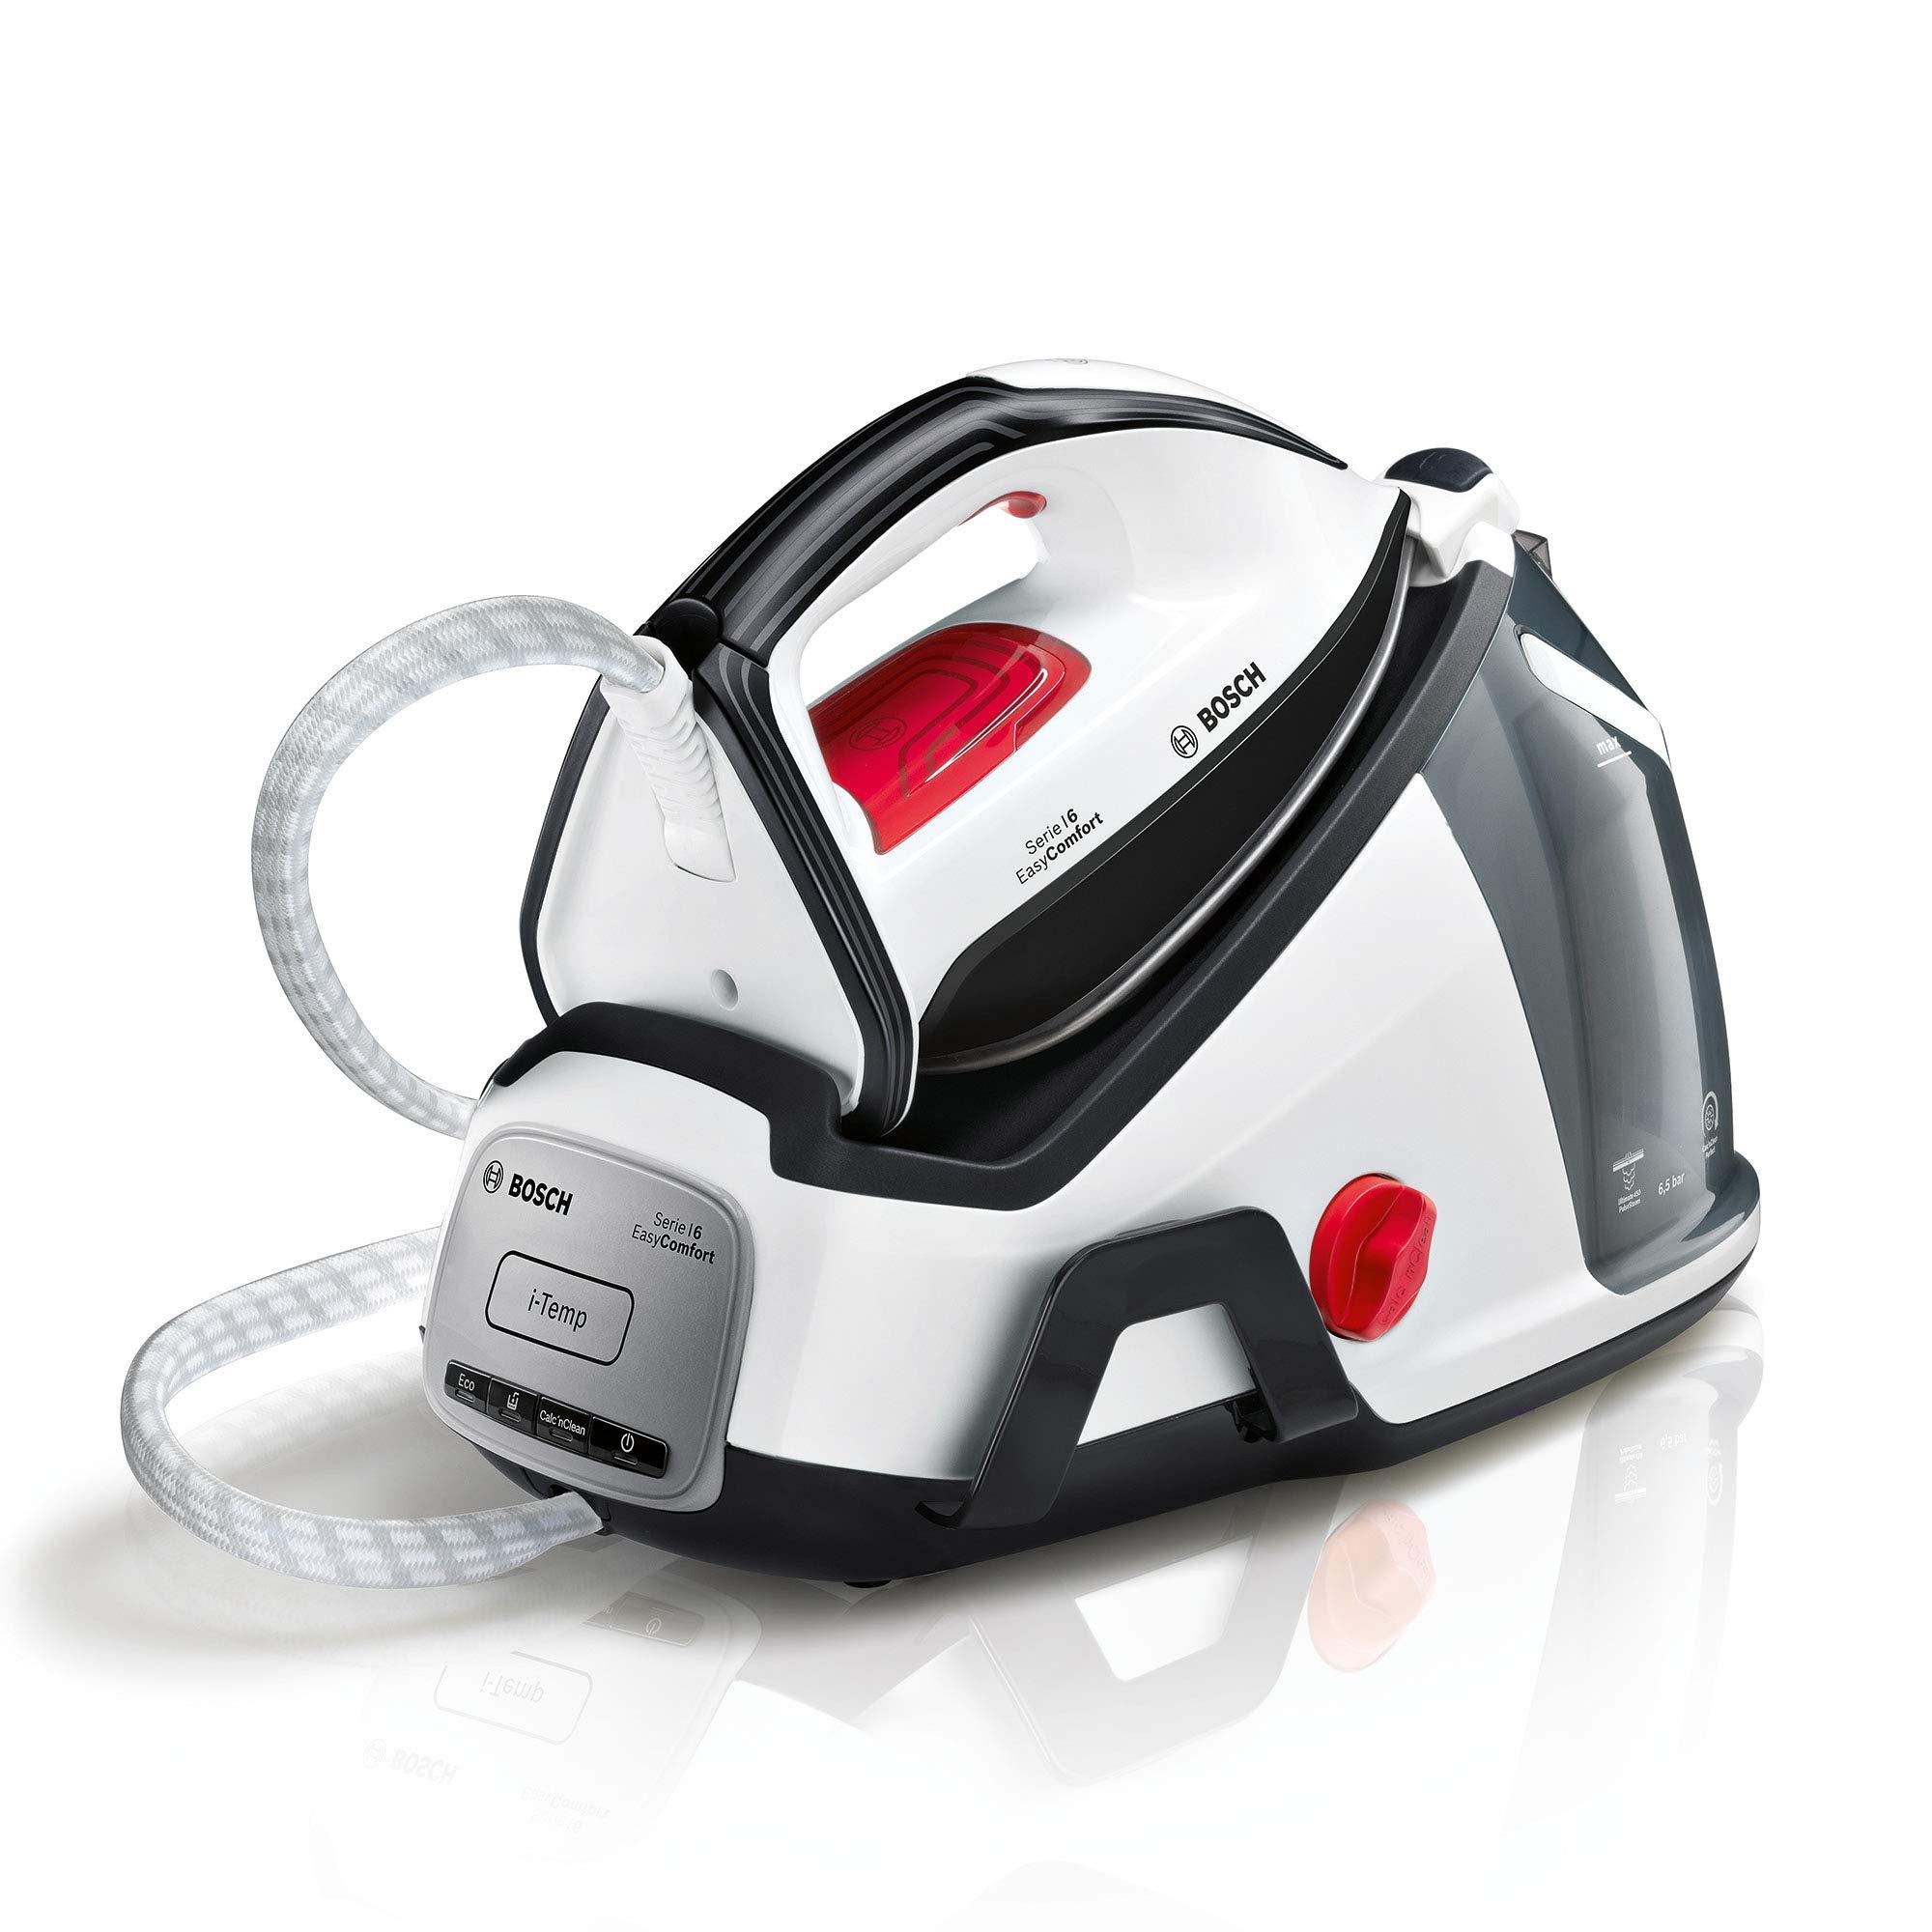 Bosch TDS6540 EasyComfort Dampfstation (einfache Bedienung, abnehmbarer Wassertank, kratzfeste Bügelsohle, 2.400 Watt) weiß